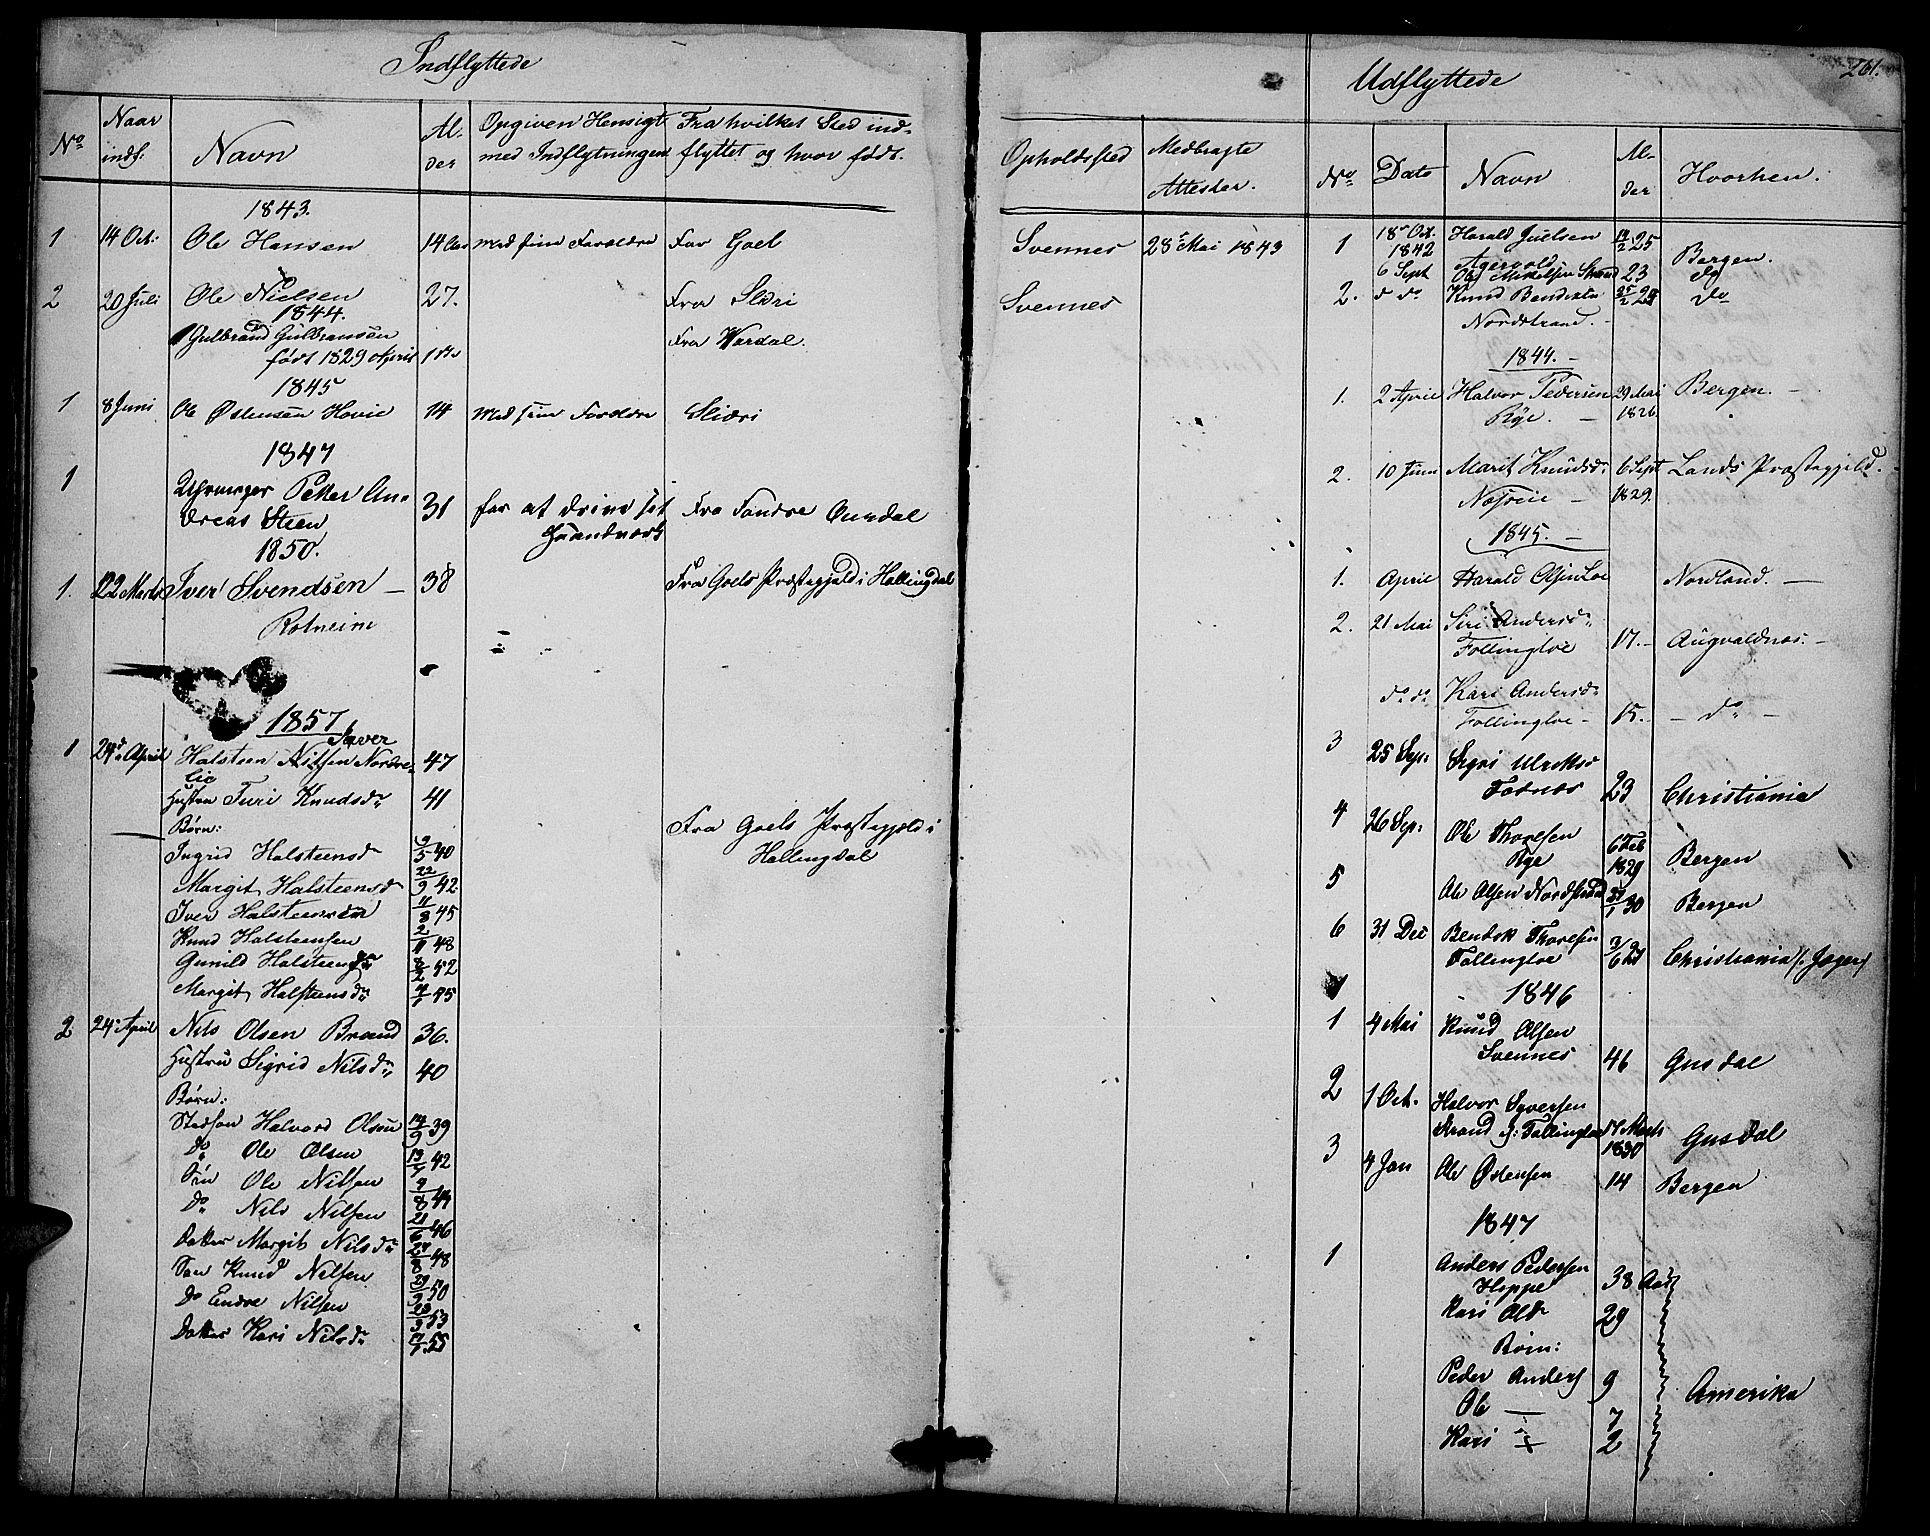 SAH, Nord-Aurdal prestekontor, Klokkerbok nr. 3, 1842-1882, s. 261